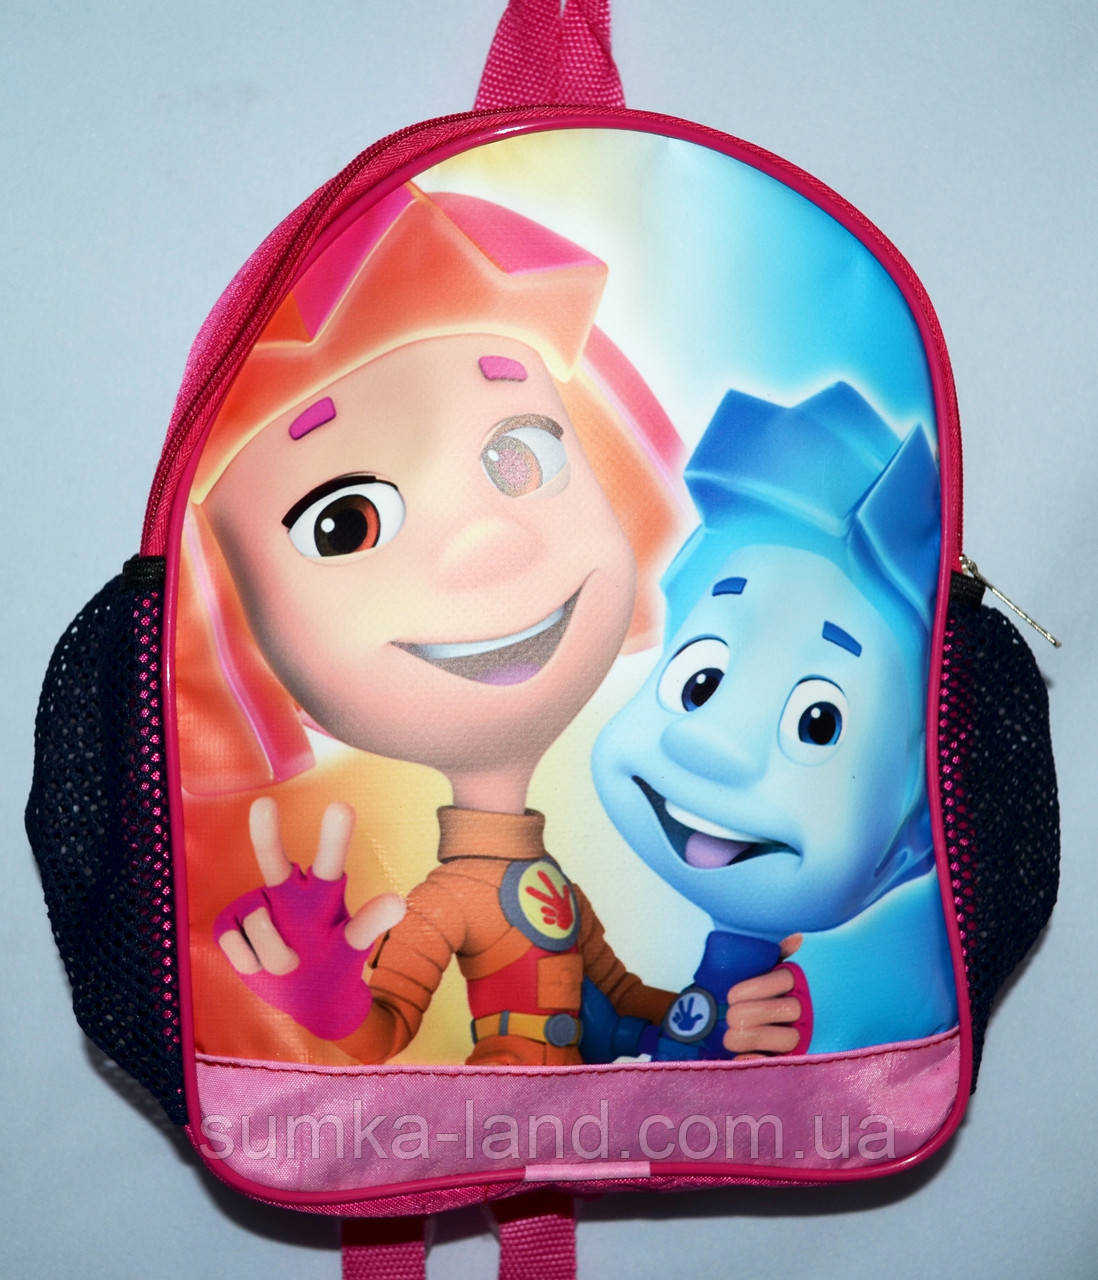 Детский школьный рюкзак для девочек 22*29 (мульт)